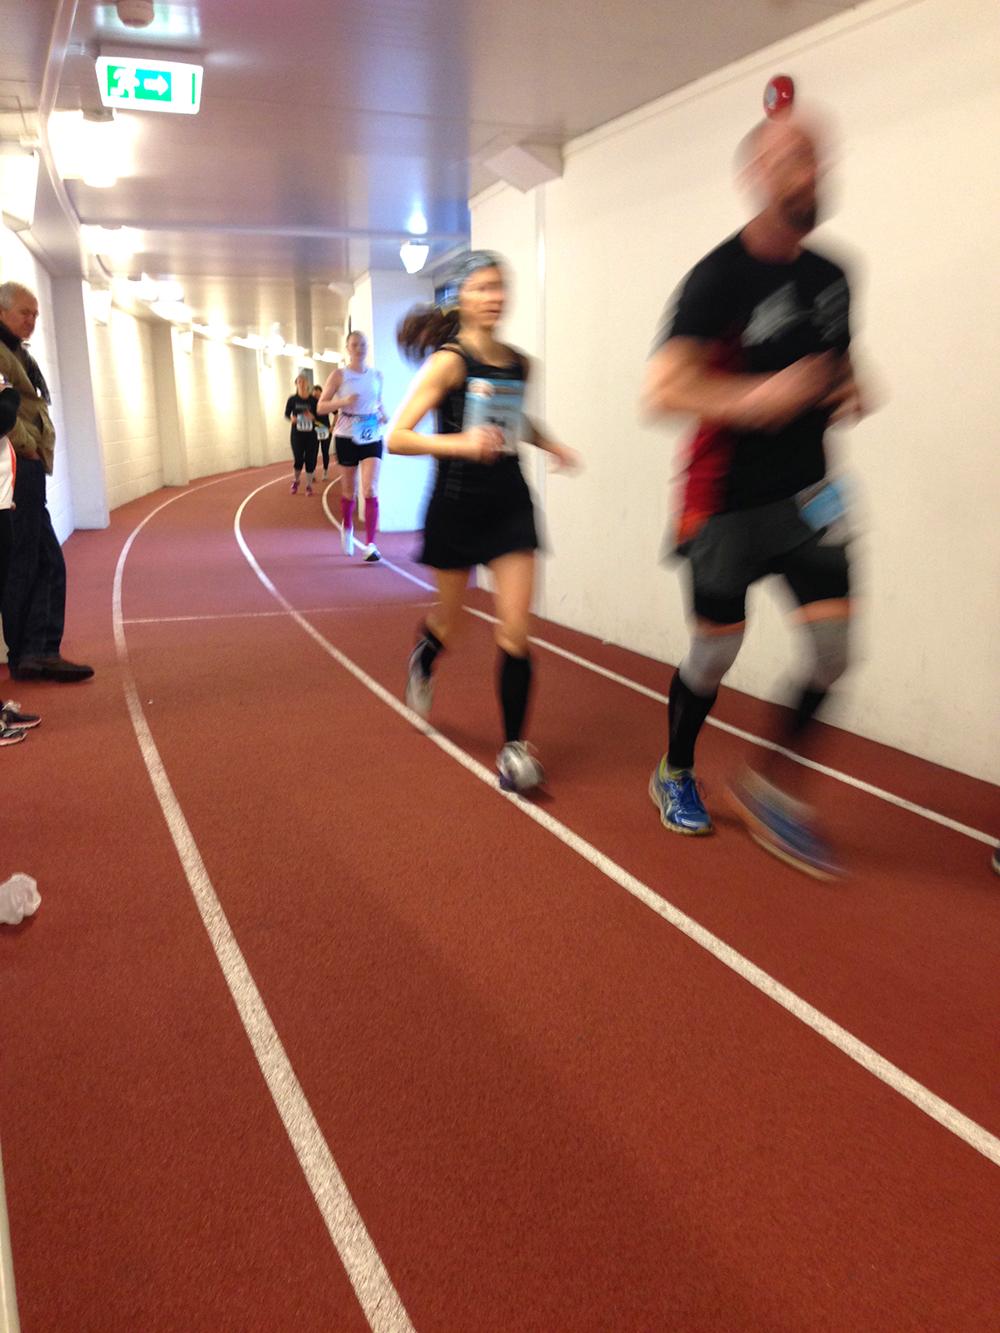 Från förra årets Bislett 24-timmars. Då var vi där för att se och lära. Nu är det dags att springa.